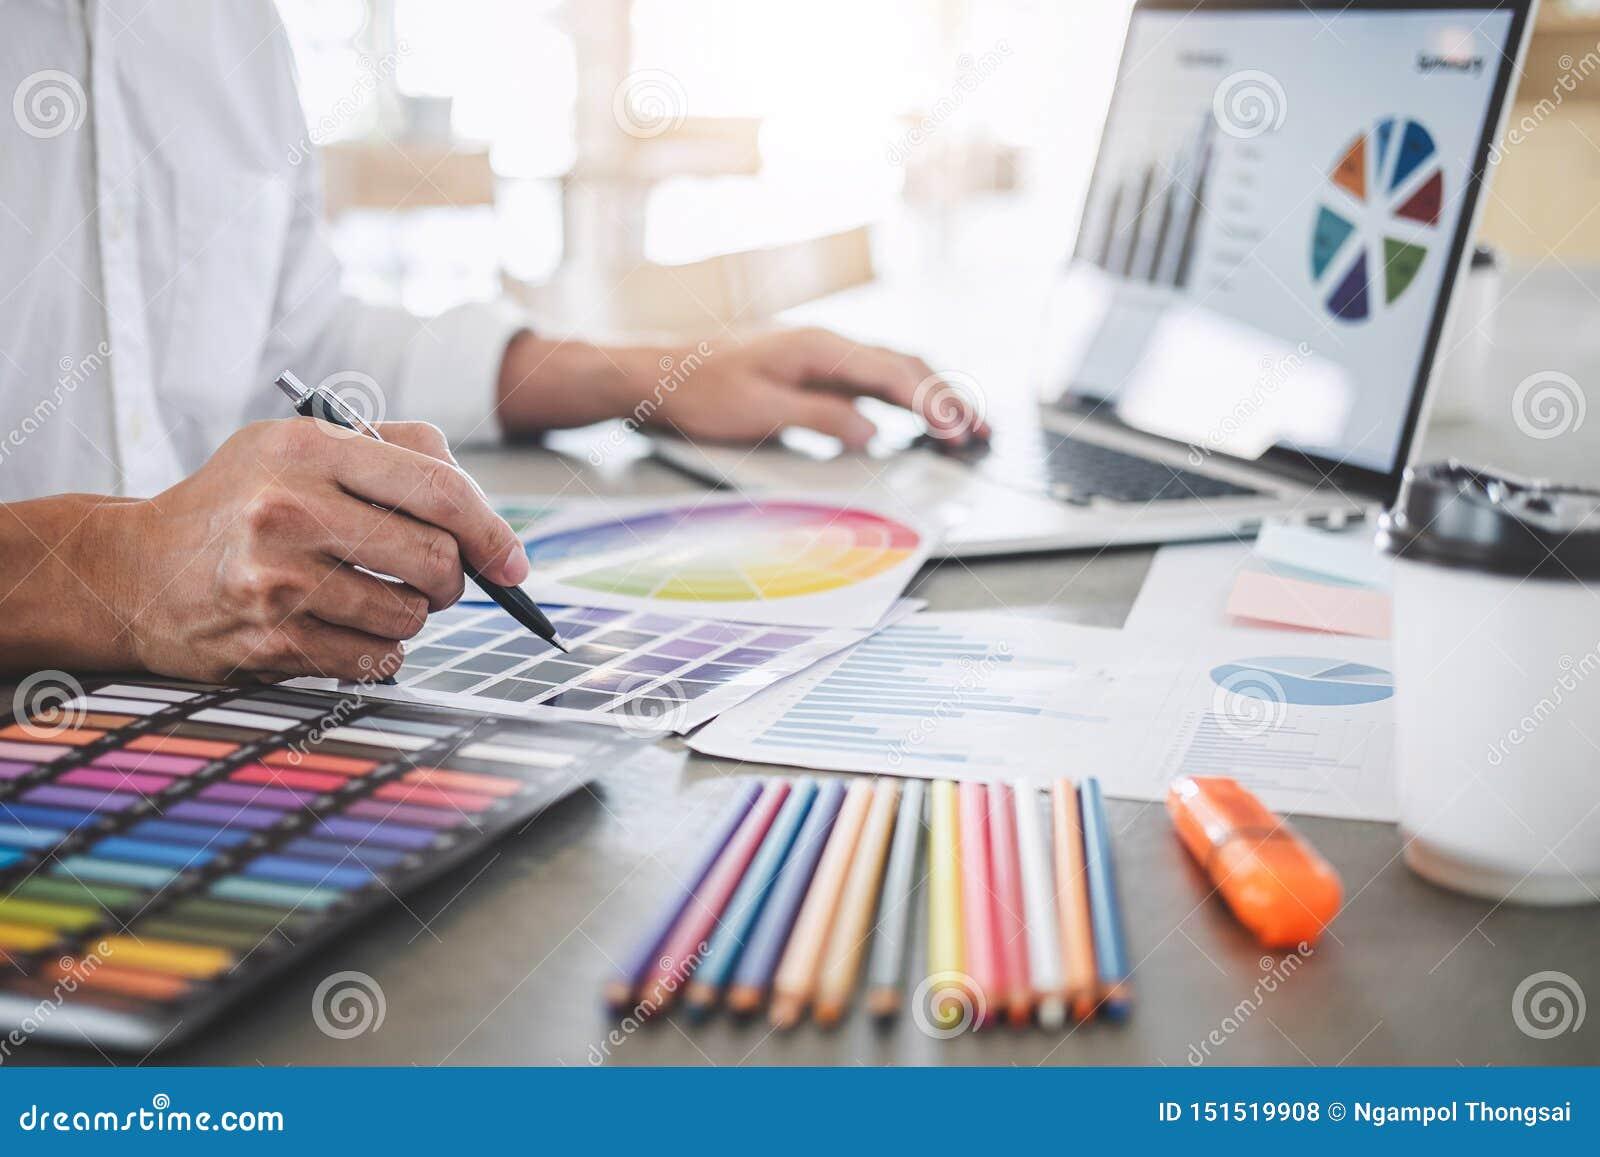 Молодой творческий график-дизайнер работая на образцах чертежа и цвета проекта архитектурноакустических, расцветке выбора на граф